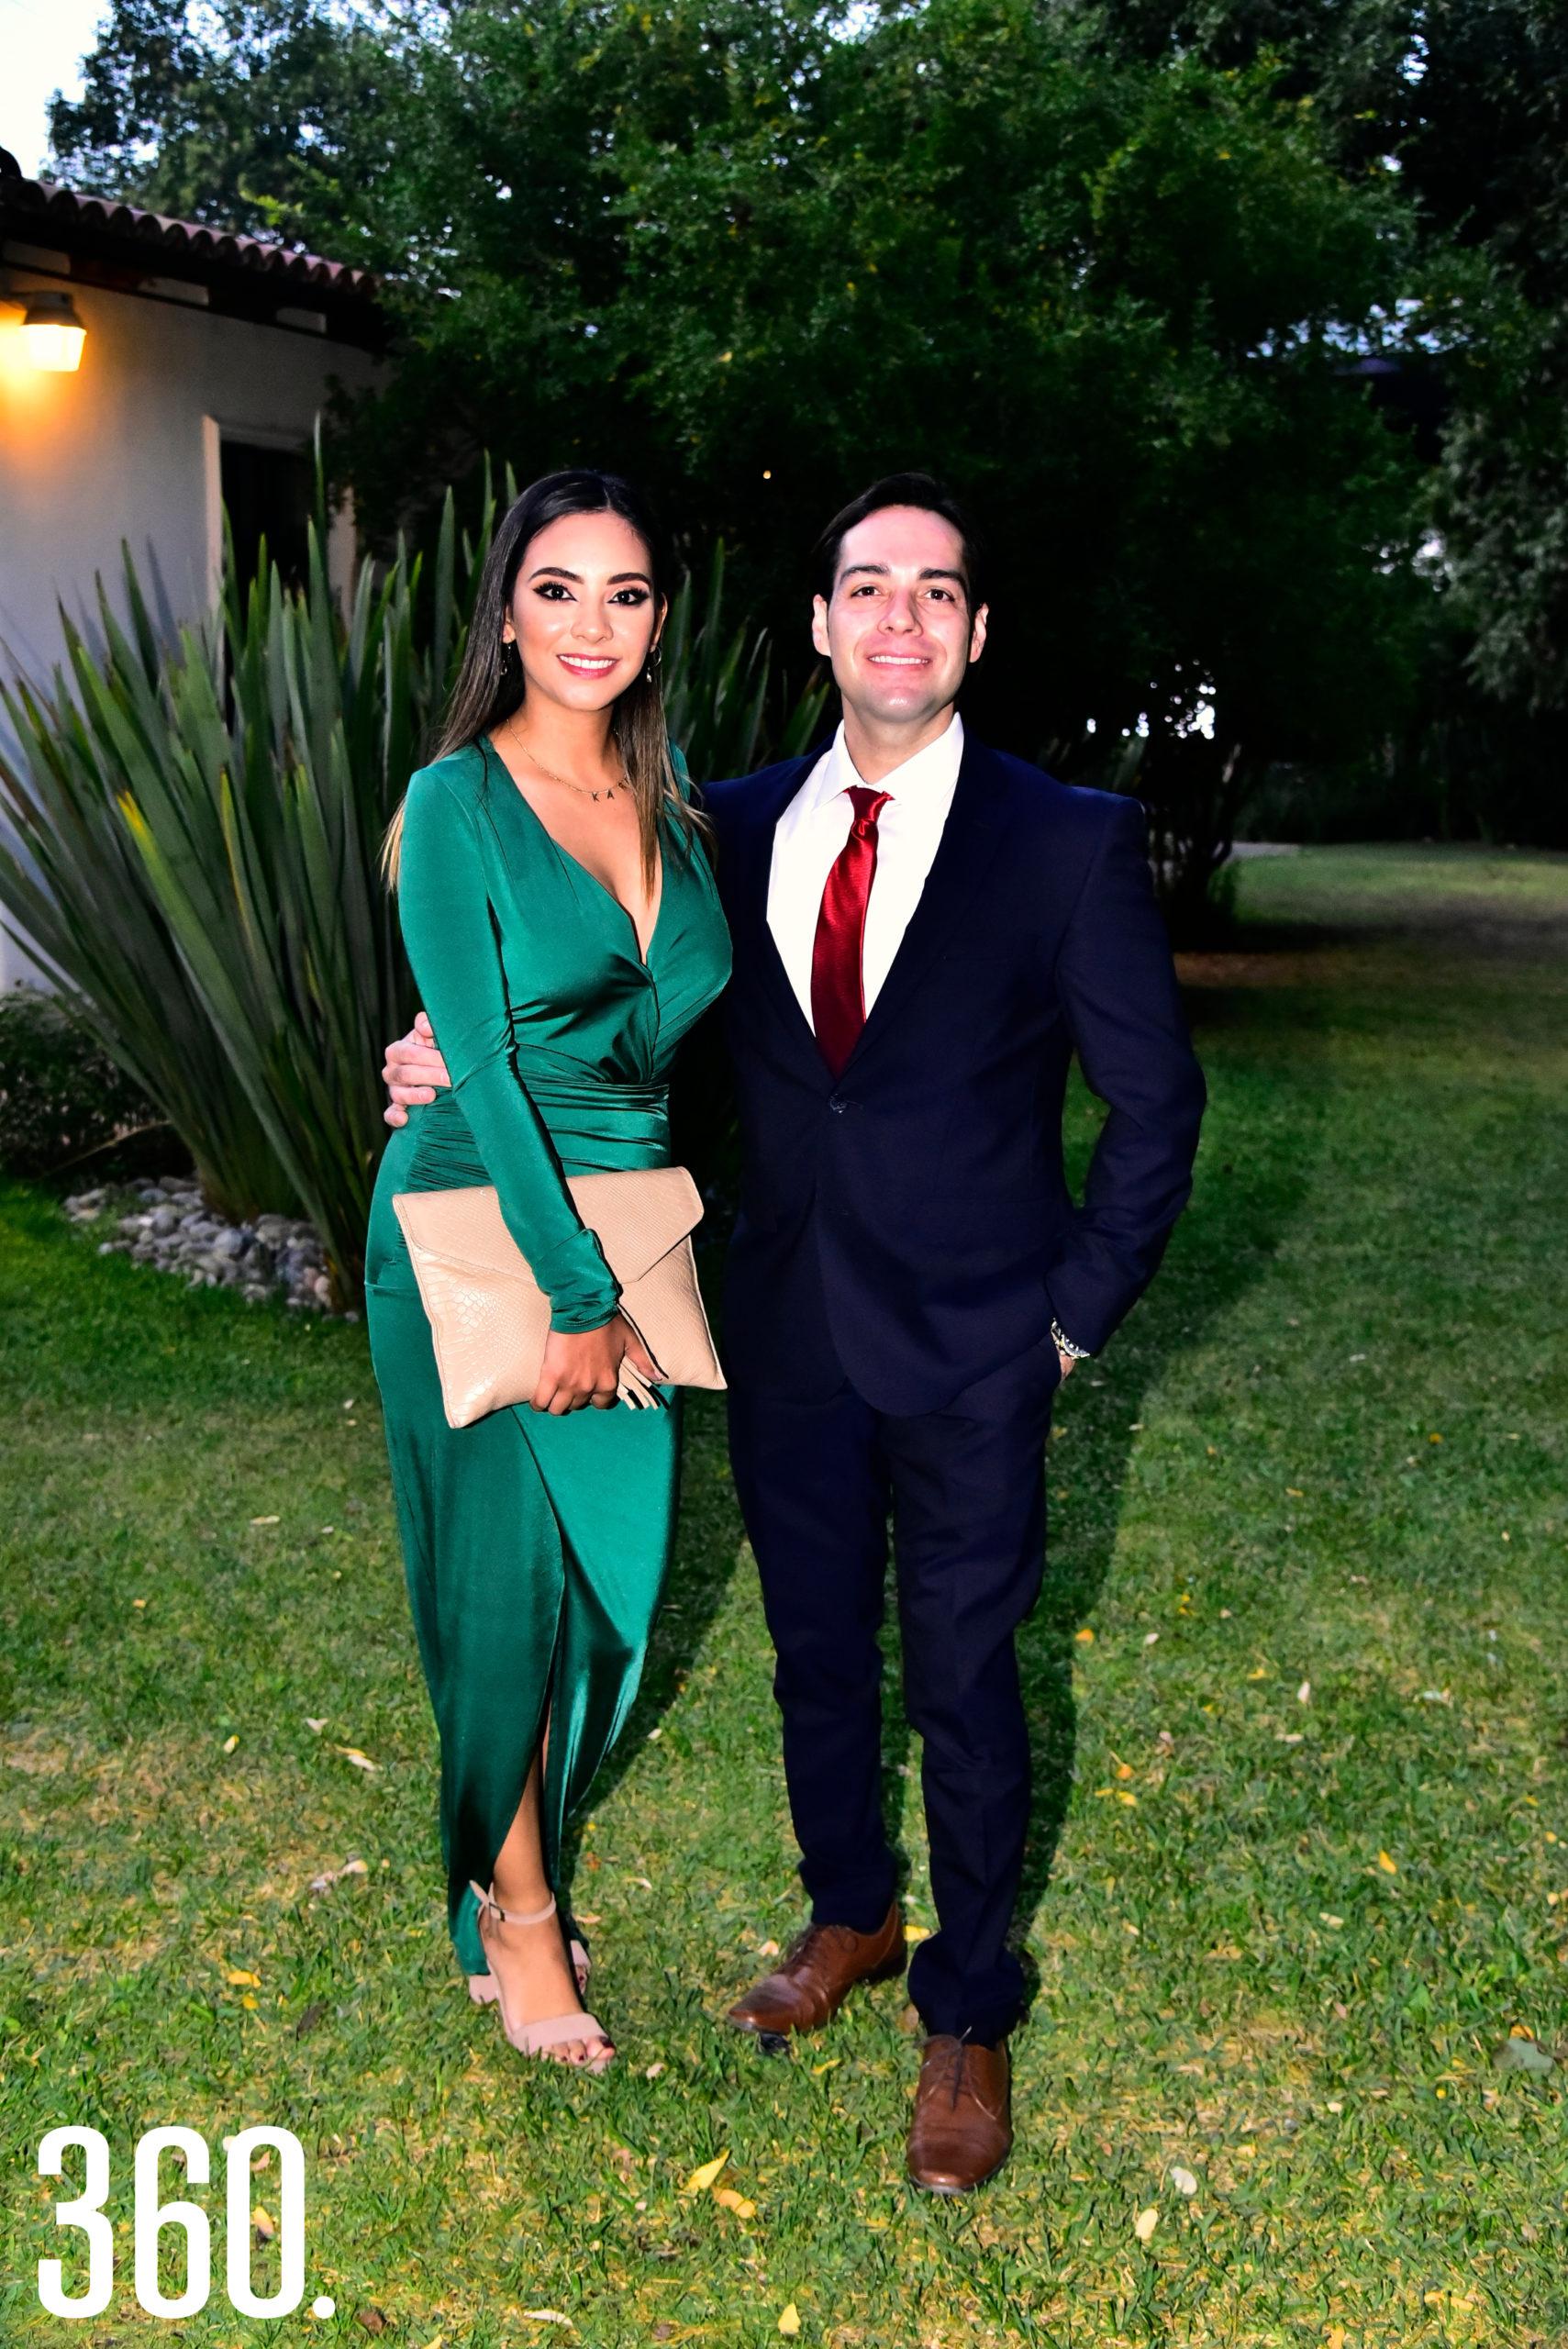 Karla Baragaño y Arturo Alcaraz.